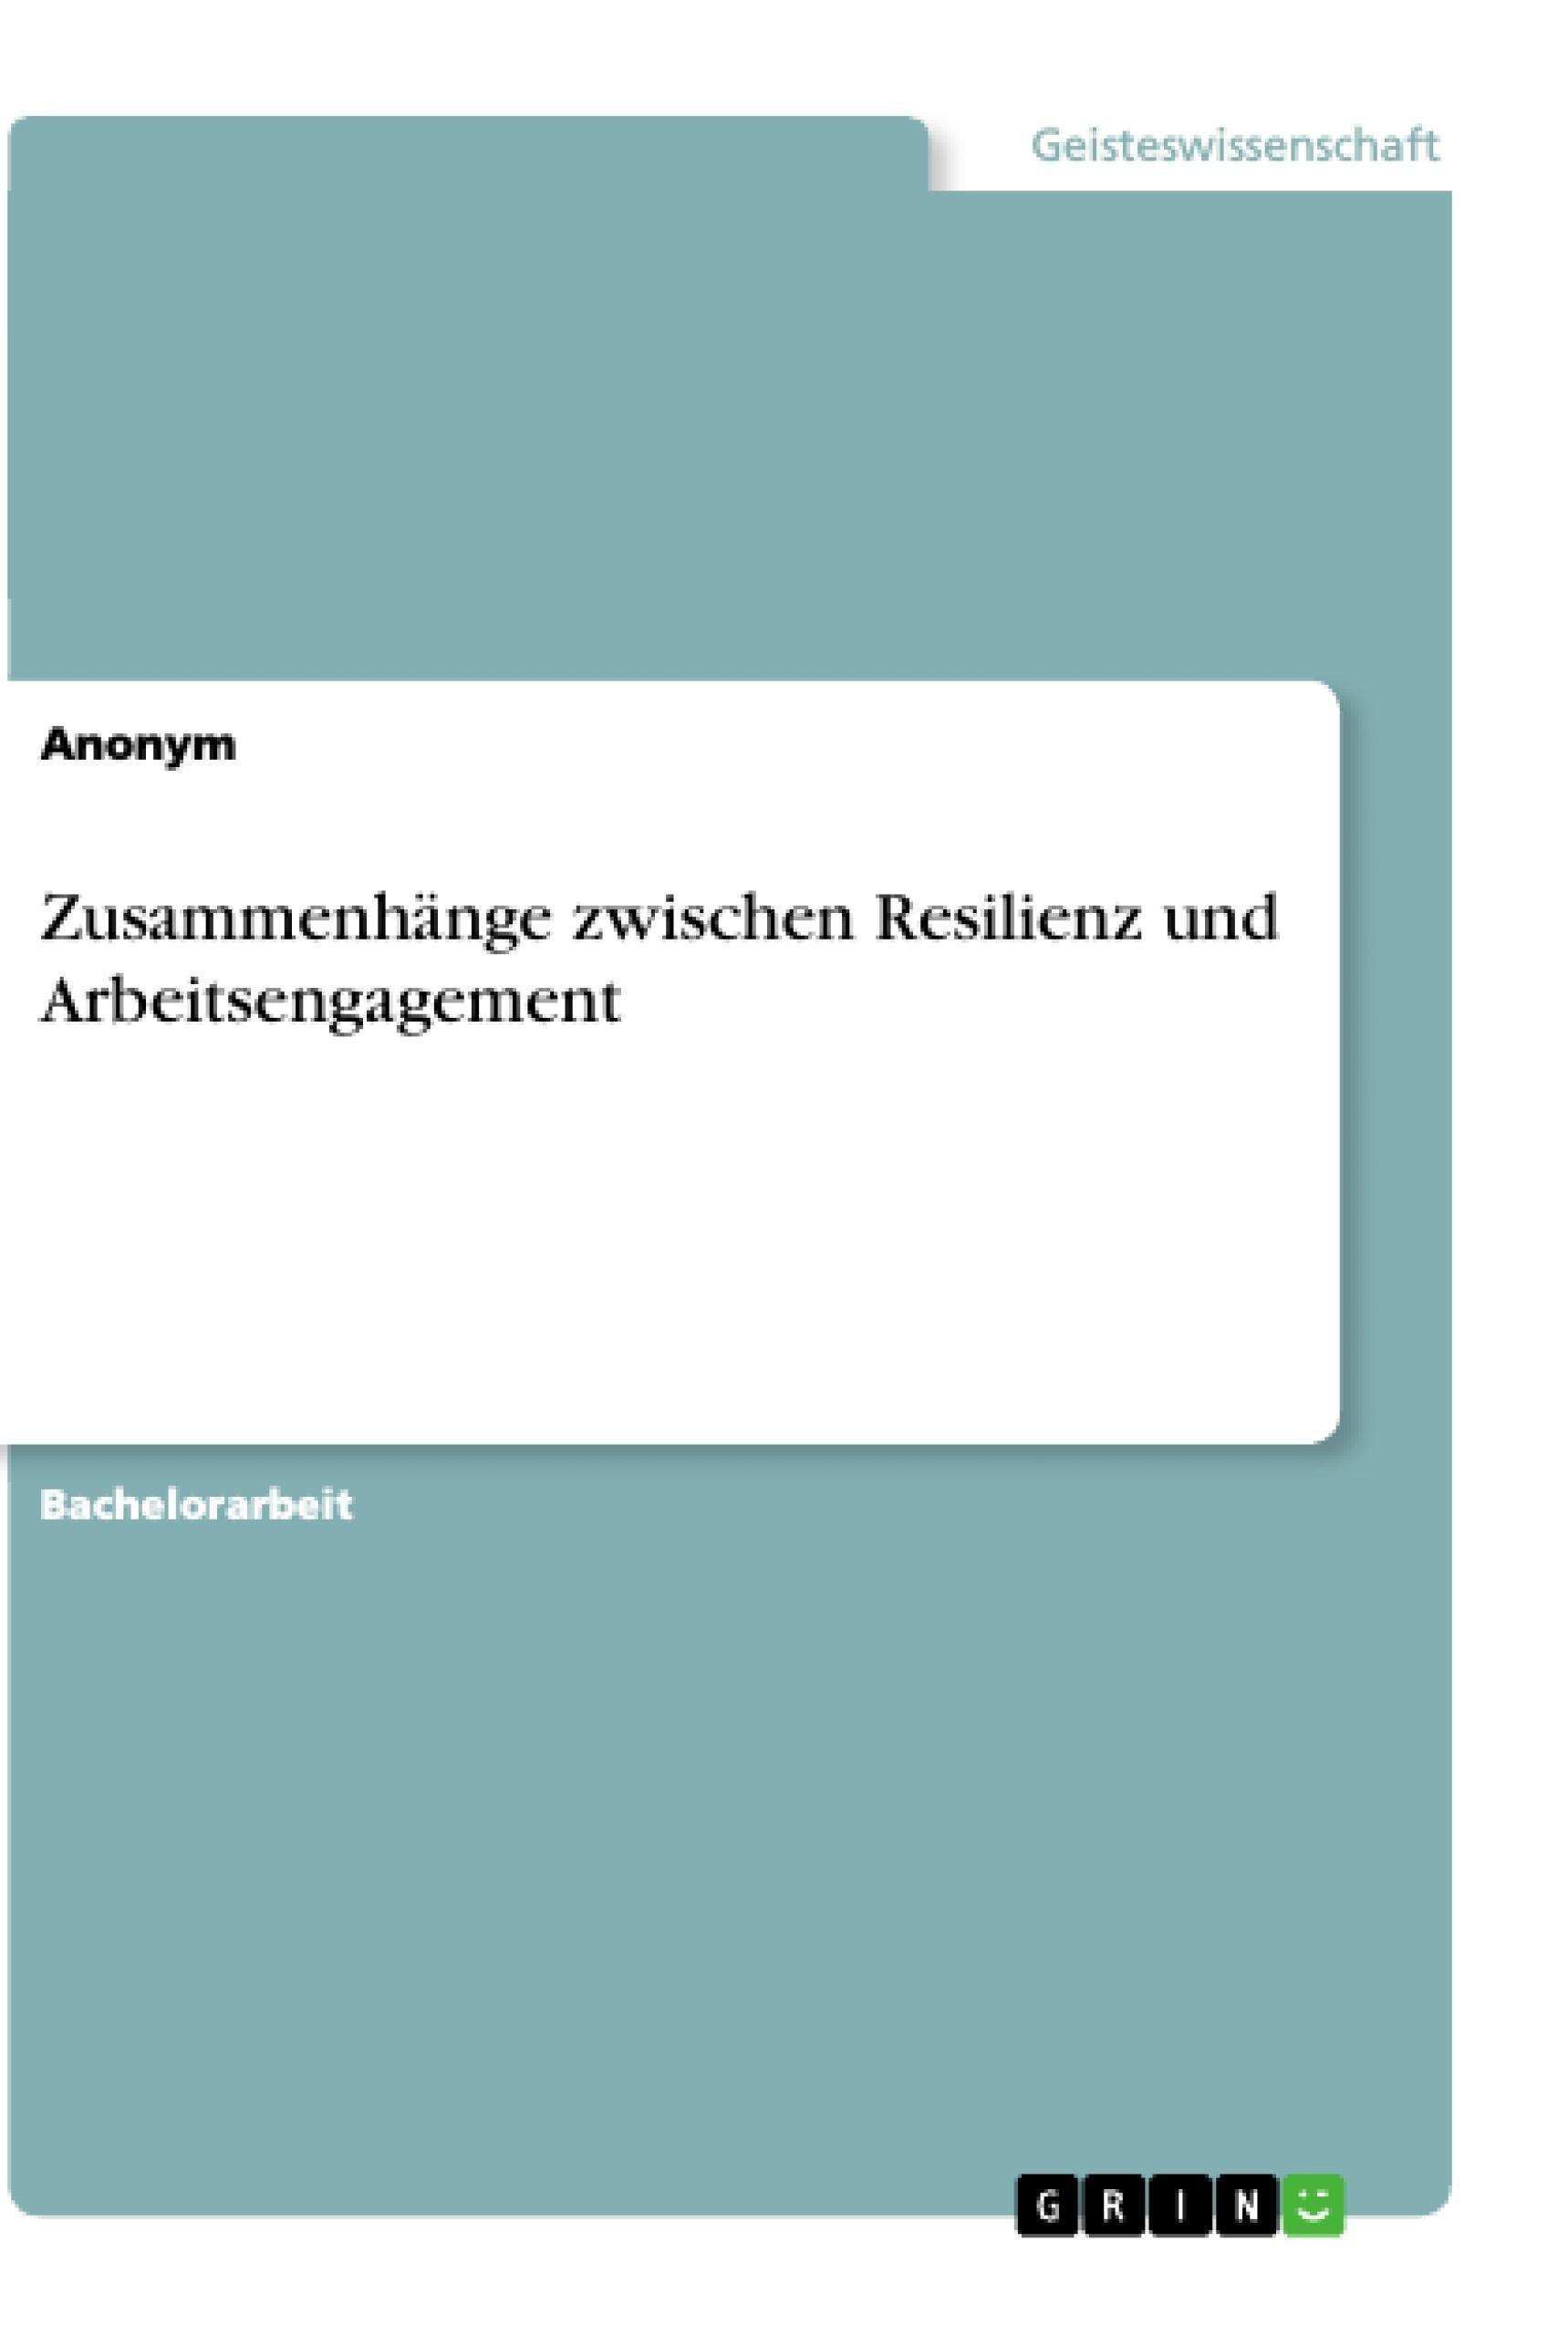 Titel: Zusammenhänge zwischen Resilienz und Arbeitsengagement